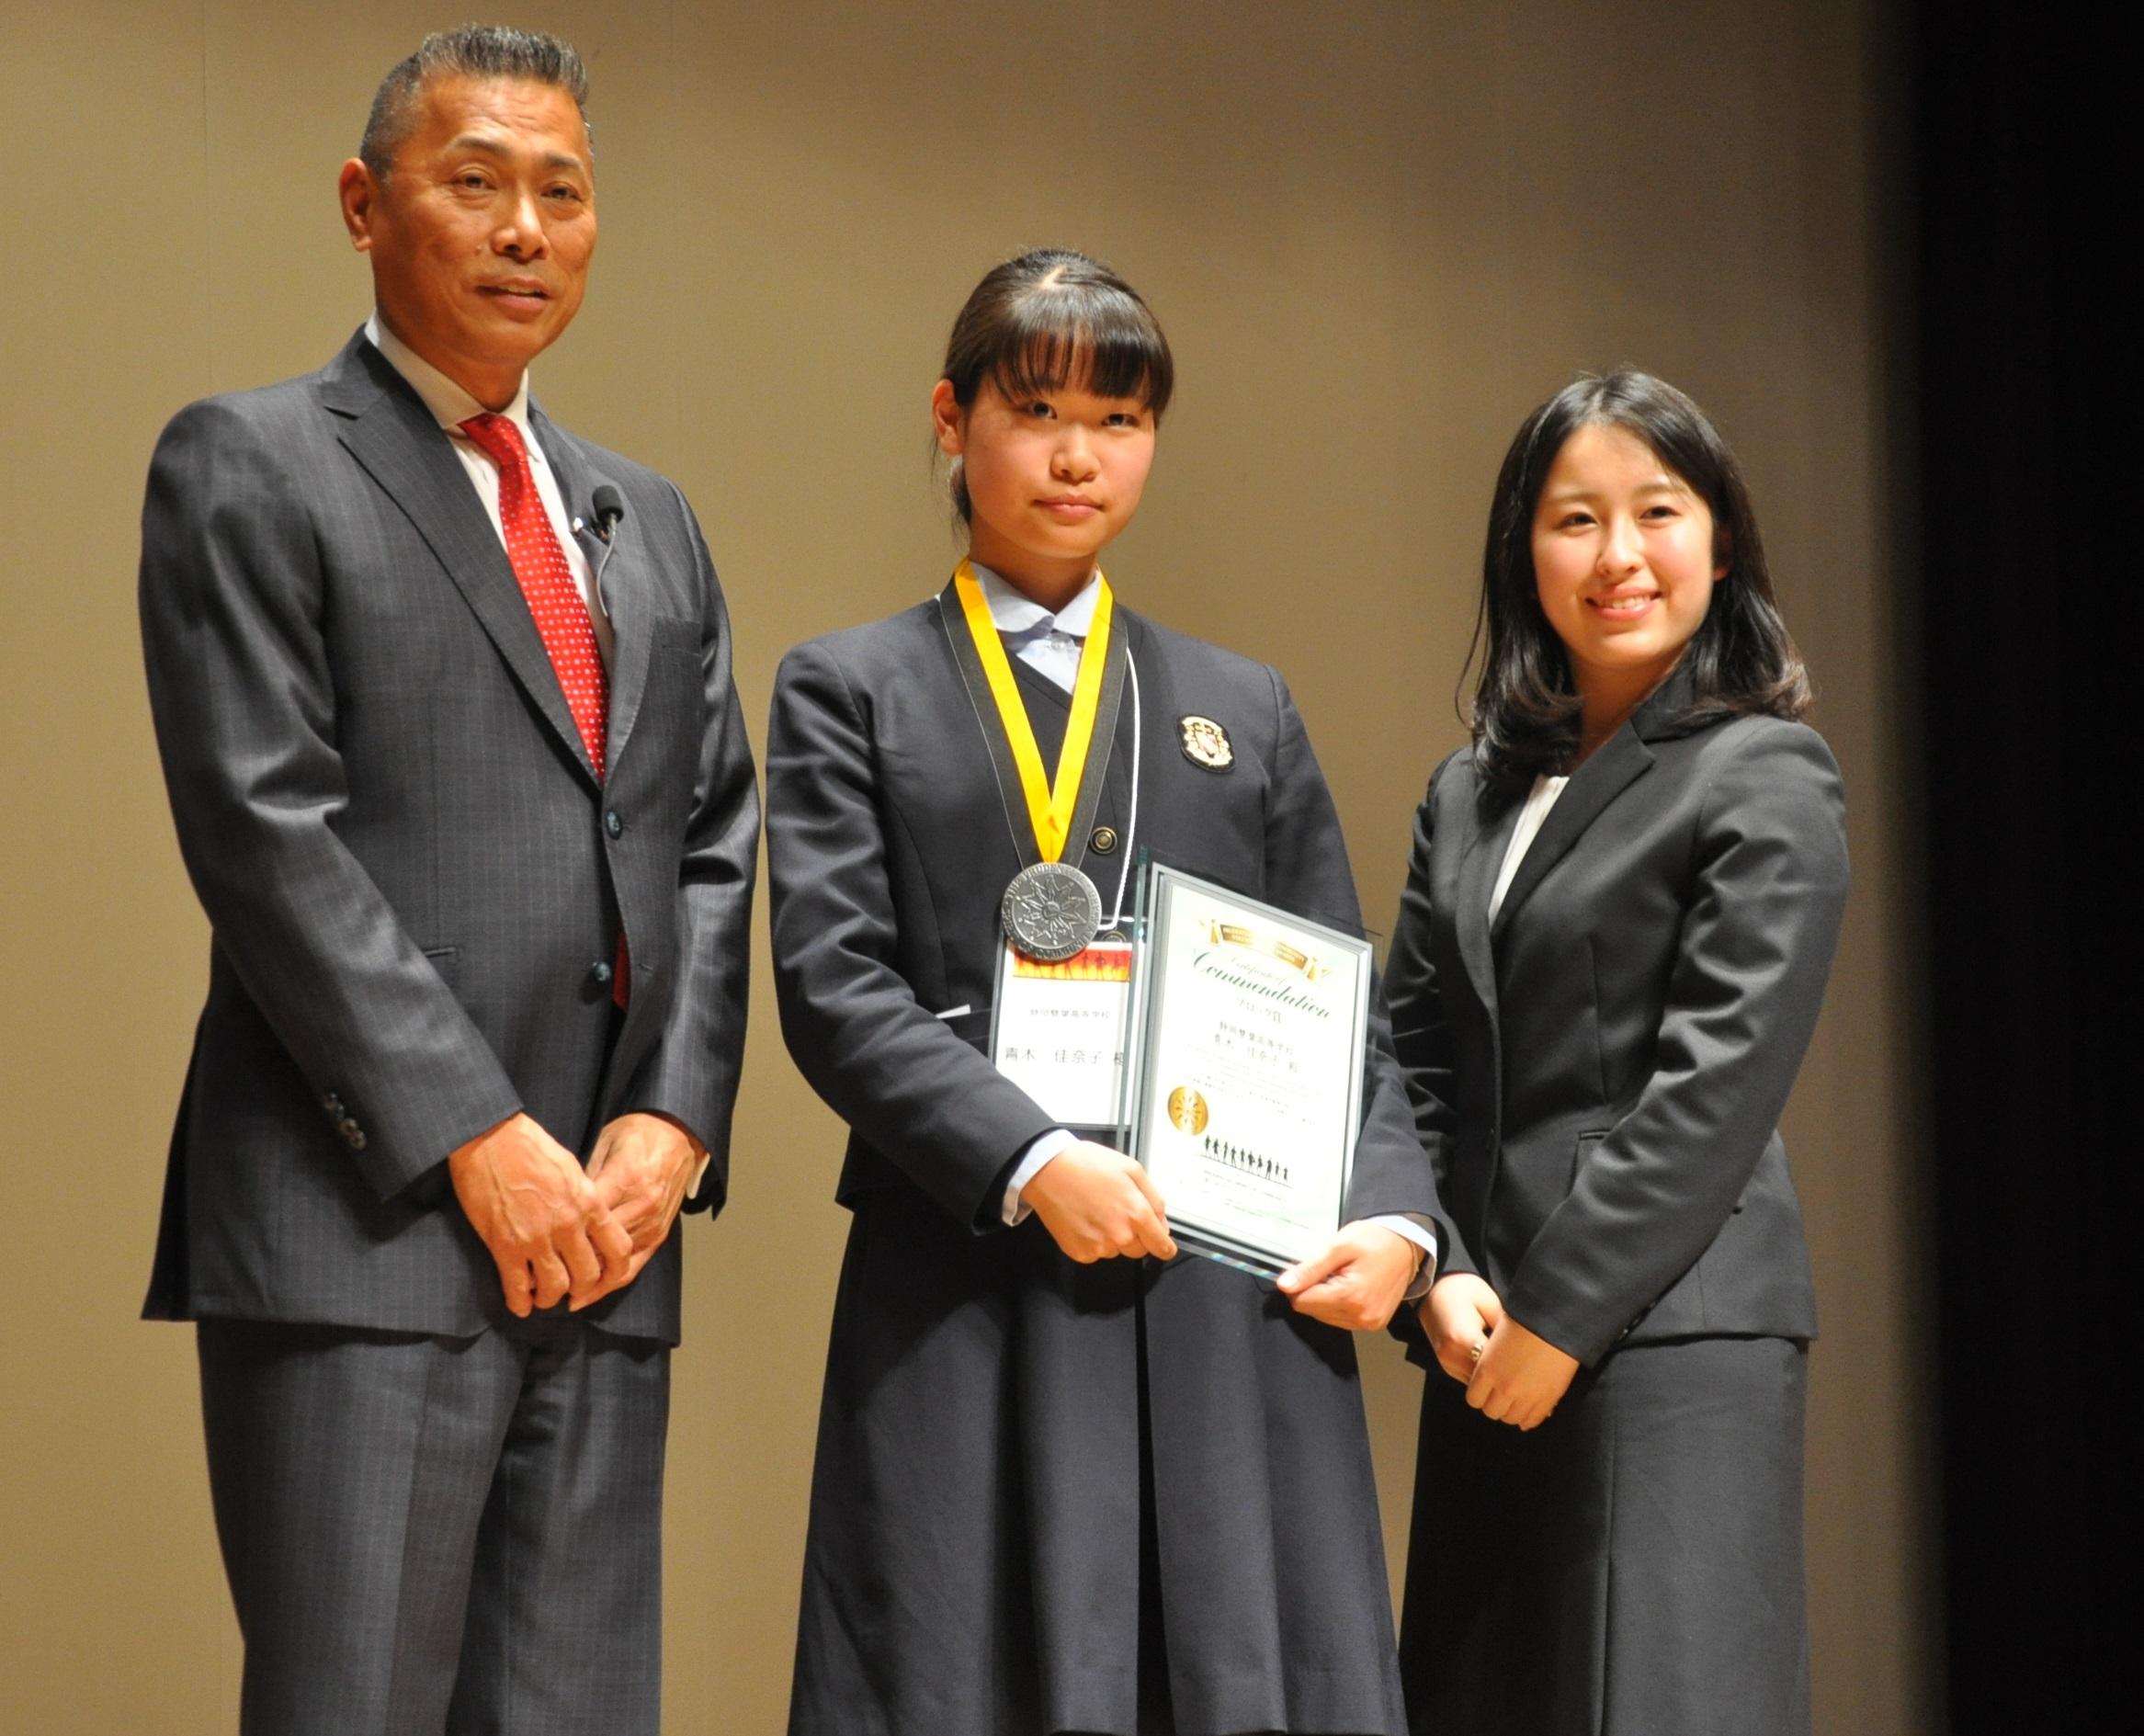 賞状を持つ青木佳奈子さん(写真中央)。